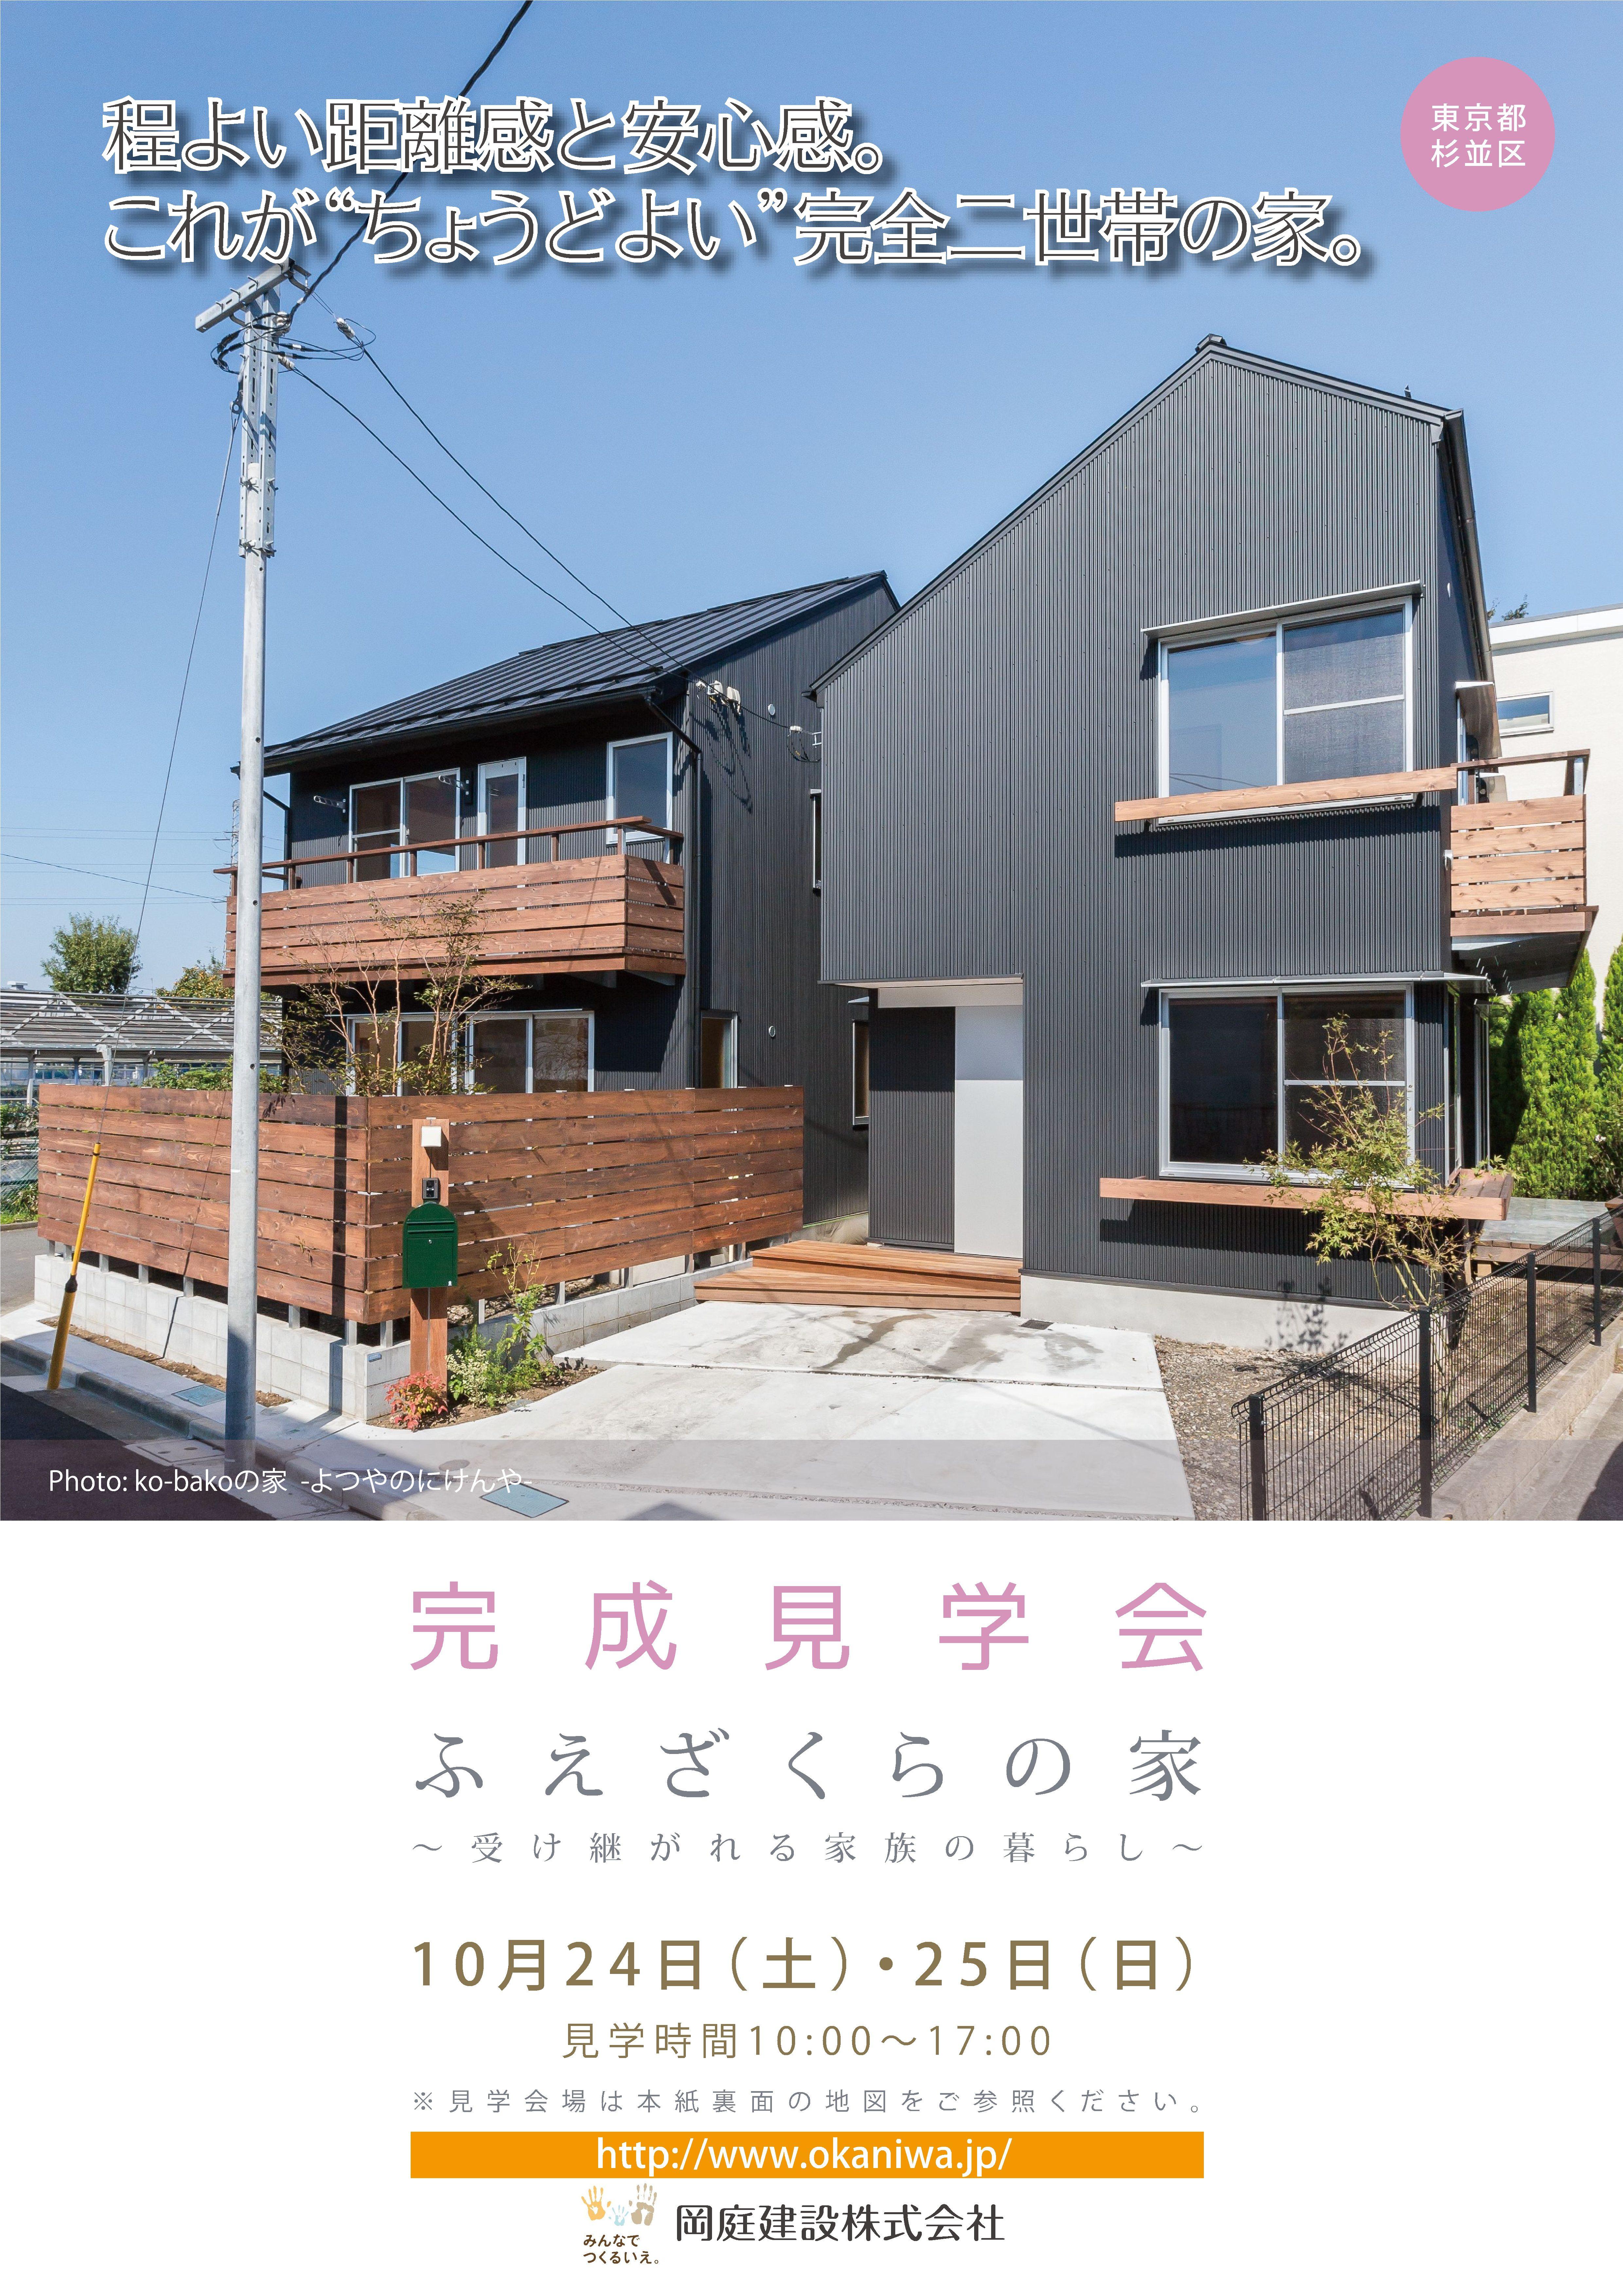 ふえざくらの家[1]